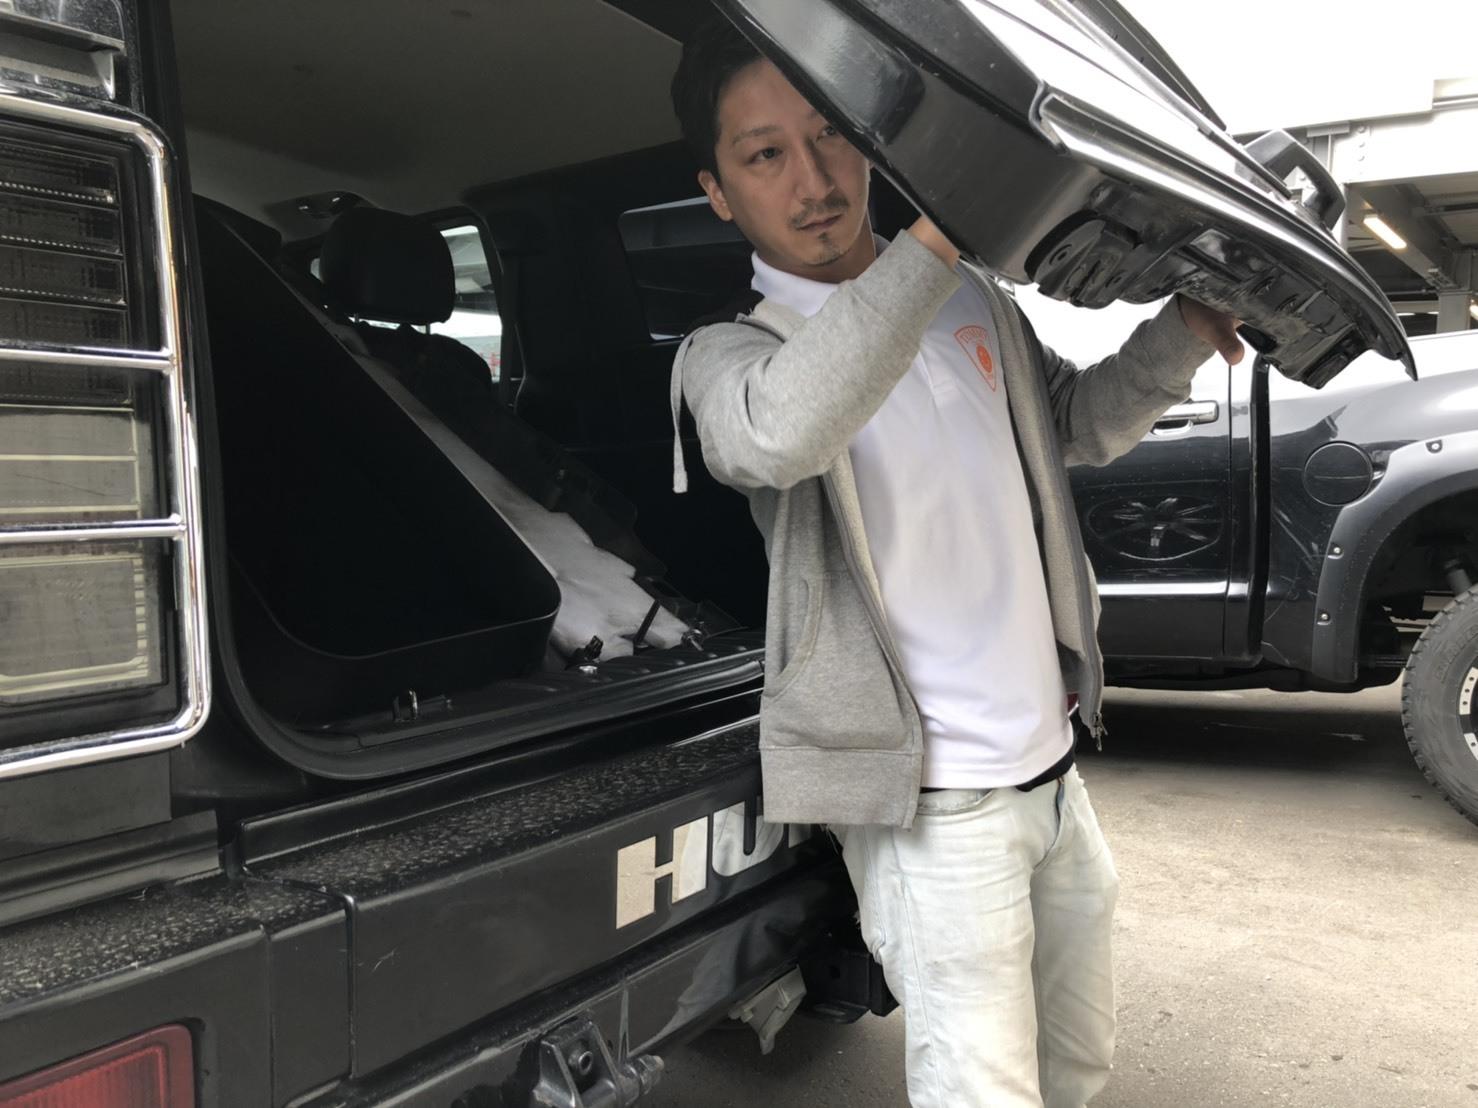 6月21日(金)♡アウディA7 K様納車✨✨ランクル200GX-R ツインターボあります(=゚ω゚)ノカスタムはTOMMYモータースで♡ LX570 ベンツS550 インパラ♡TOMMY♡_b0127002_18103282.jpg